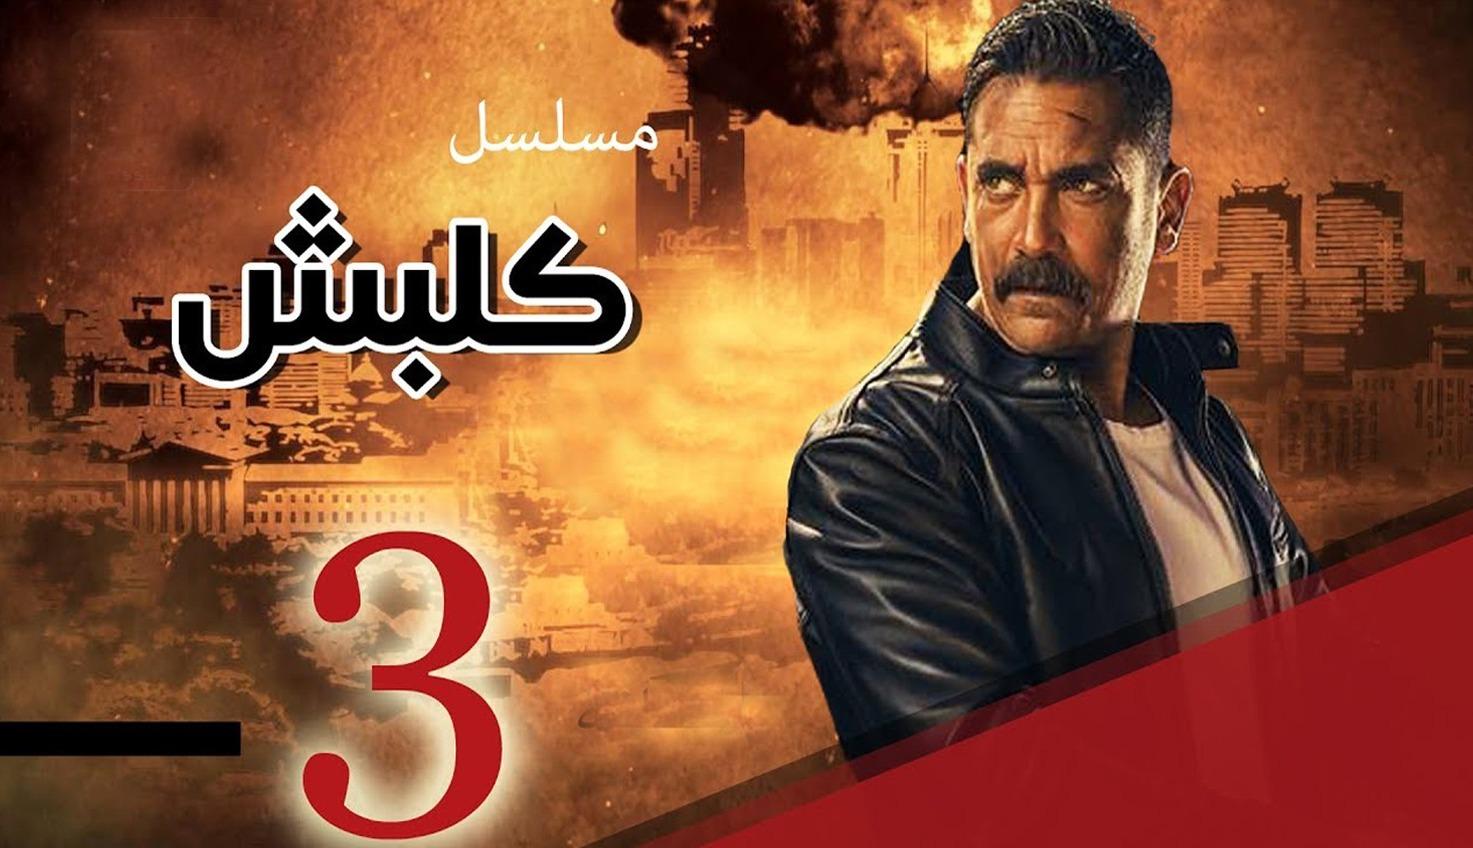 مسلسل كلبش 3 ملخص الحلقة 23.. هل يتم اغتيال سليم الأنصاري في سيناء؟